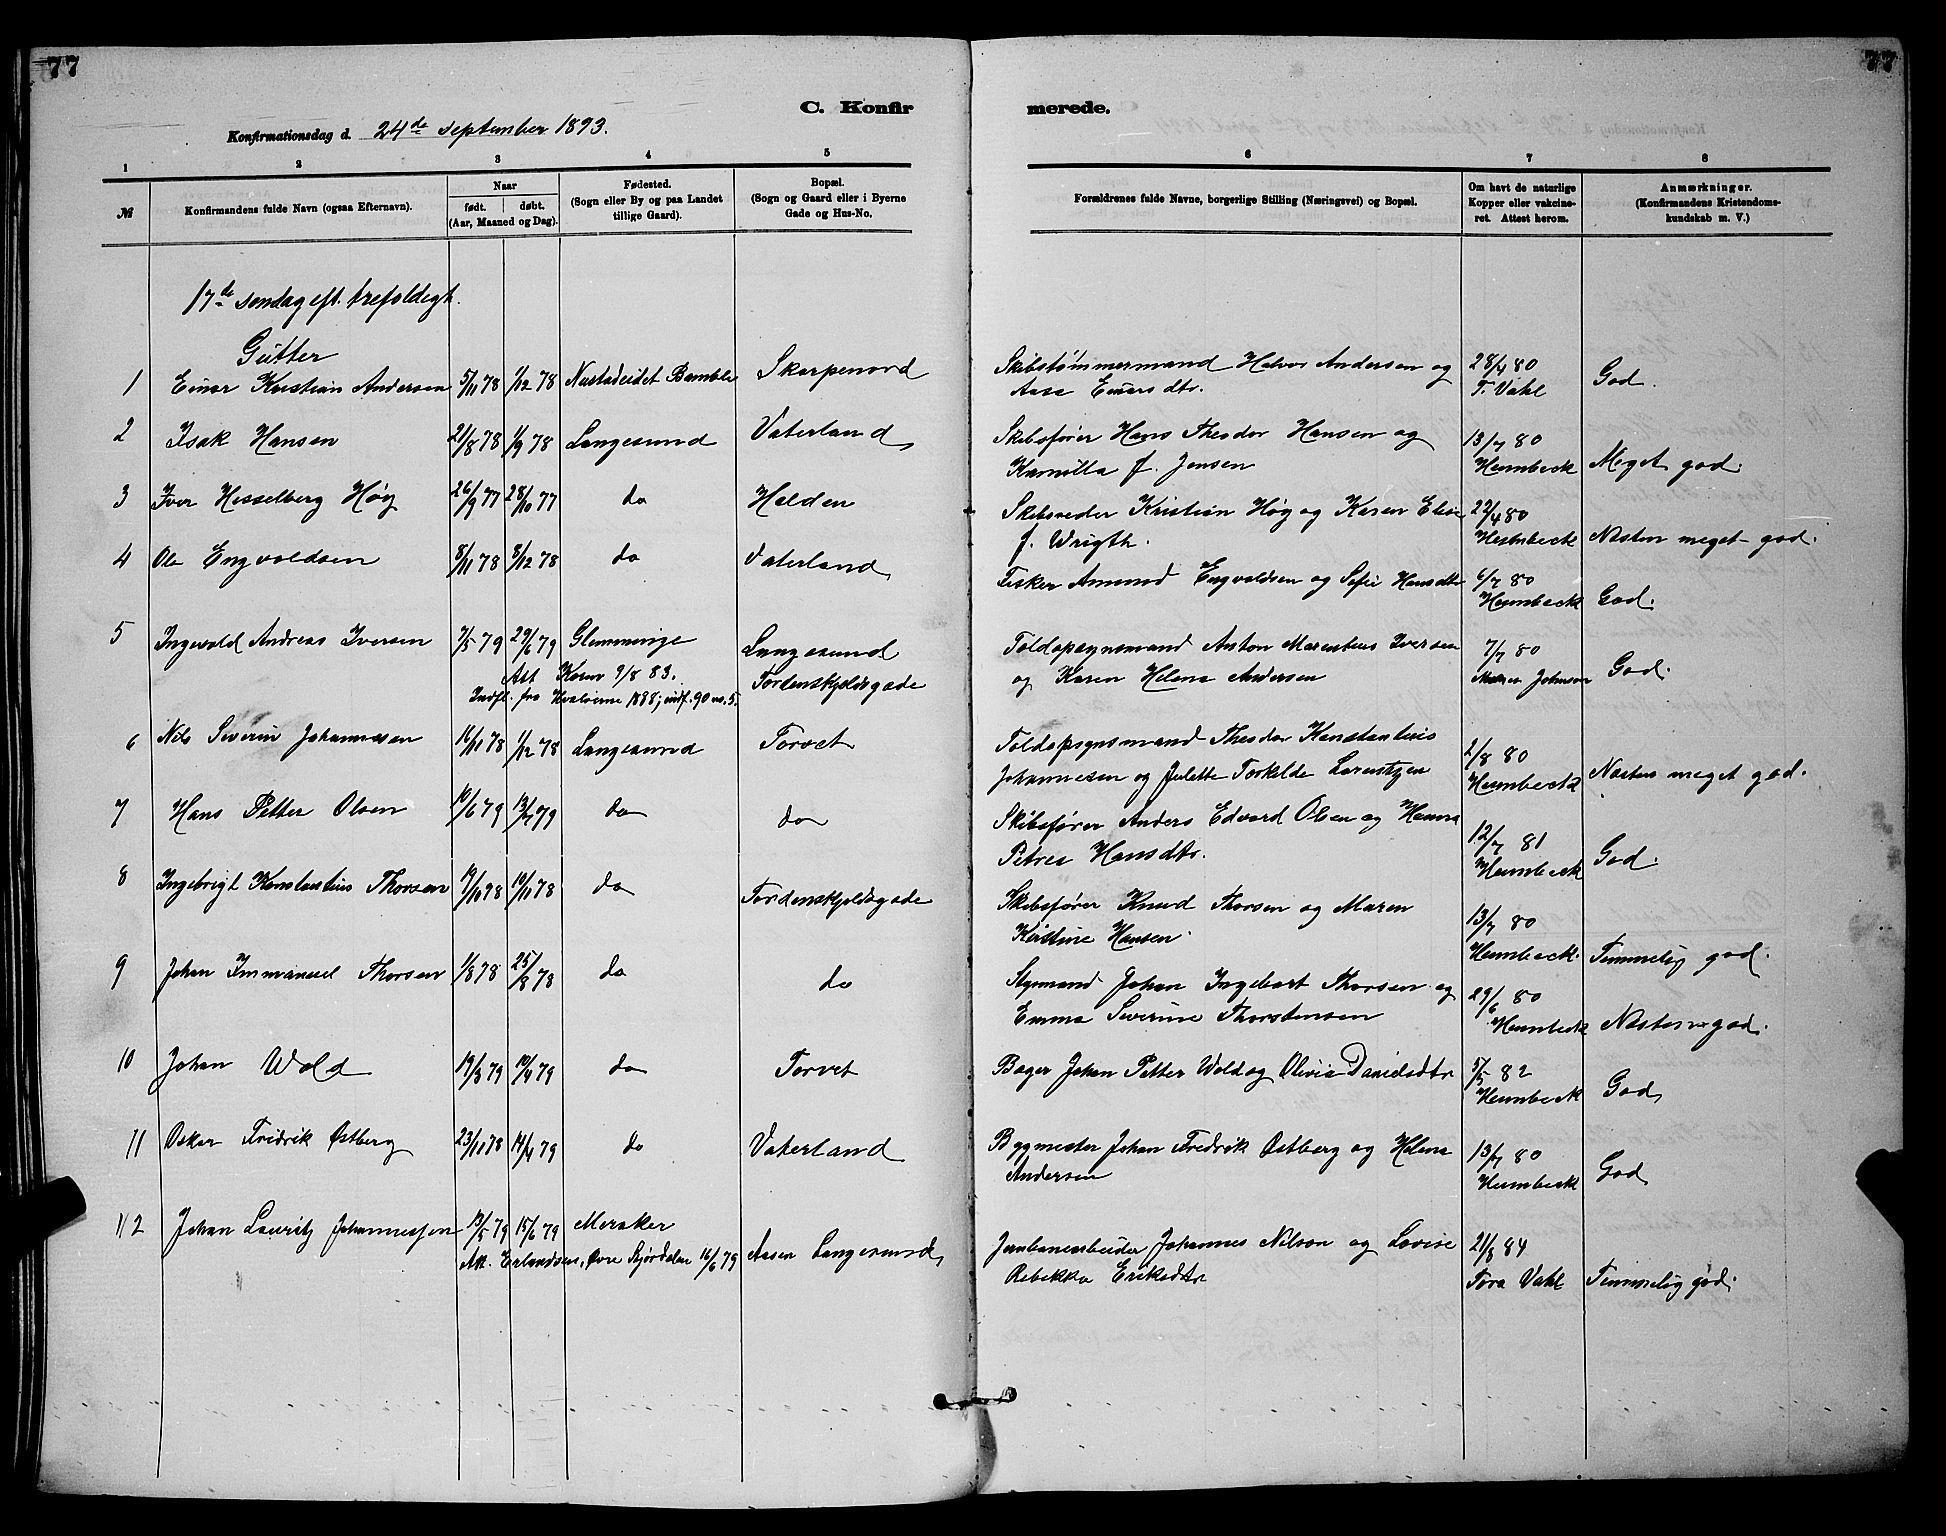 SAKO, Langesund kirkebøker, G/Ga/L0005: Klokkerbok nr. 5, 1884-1898, s. 77